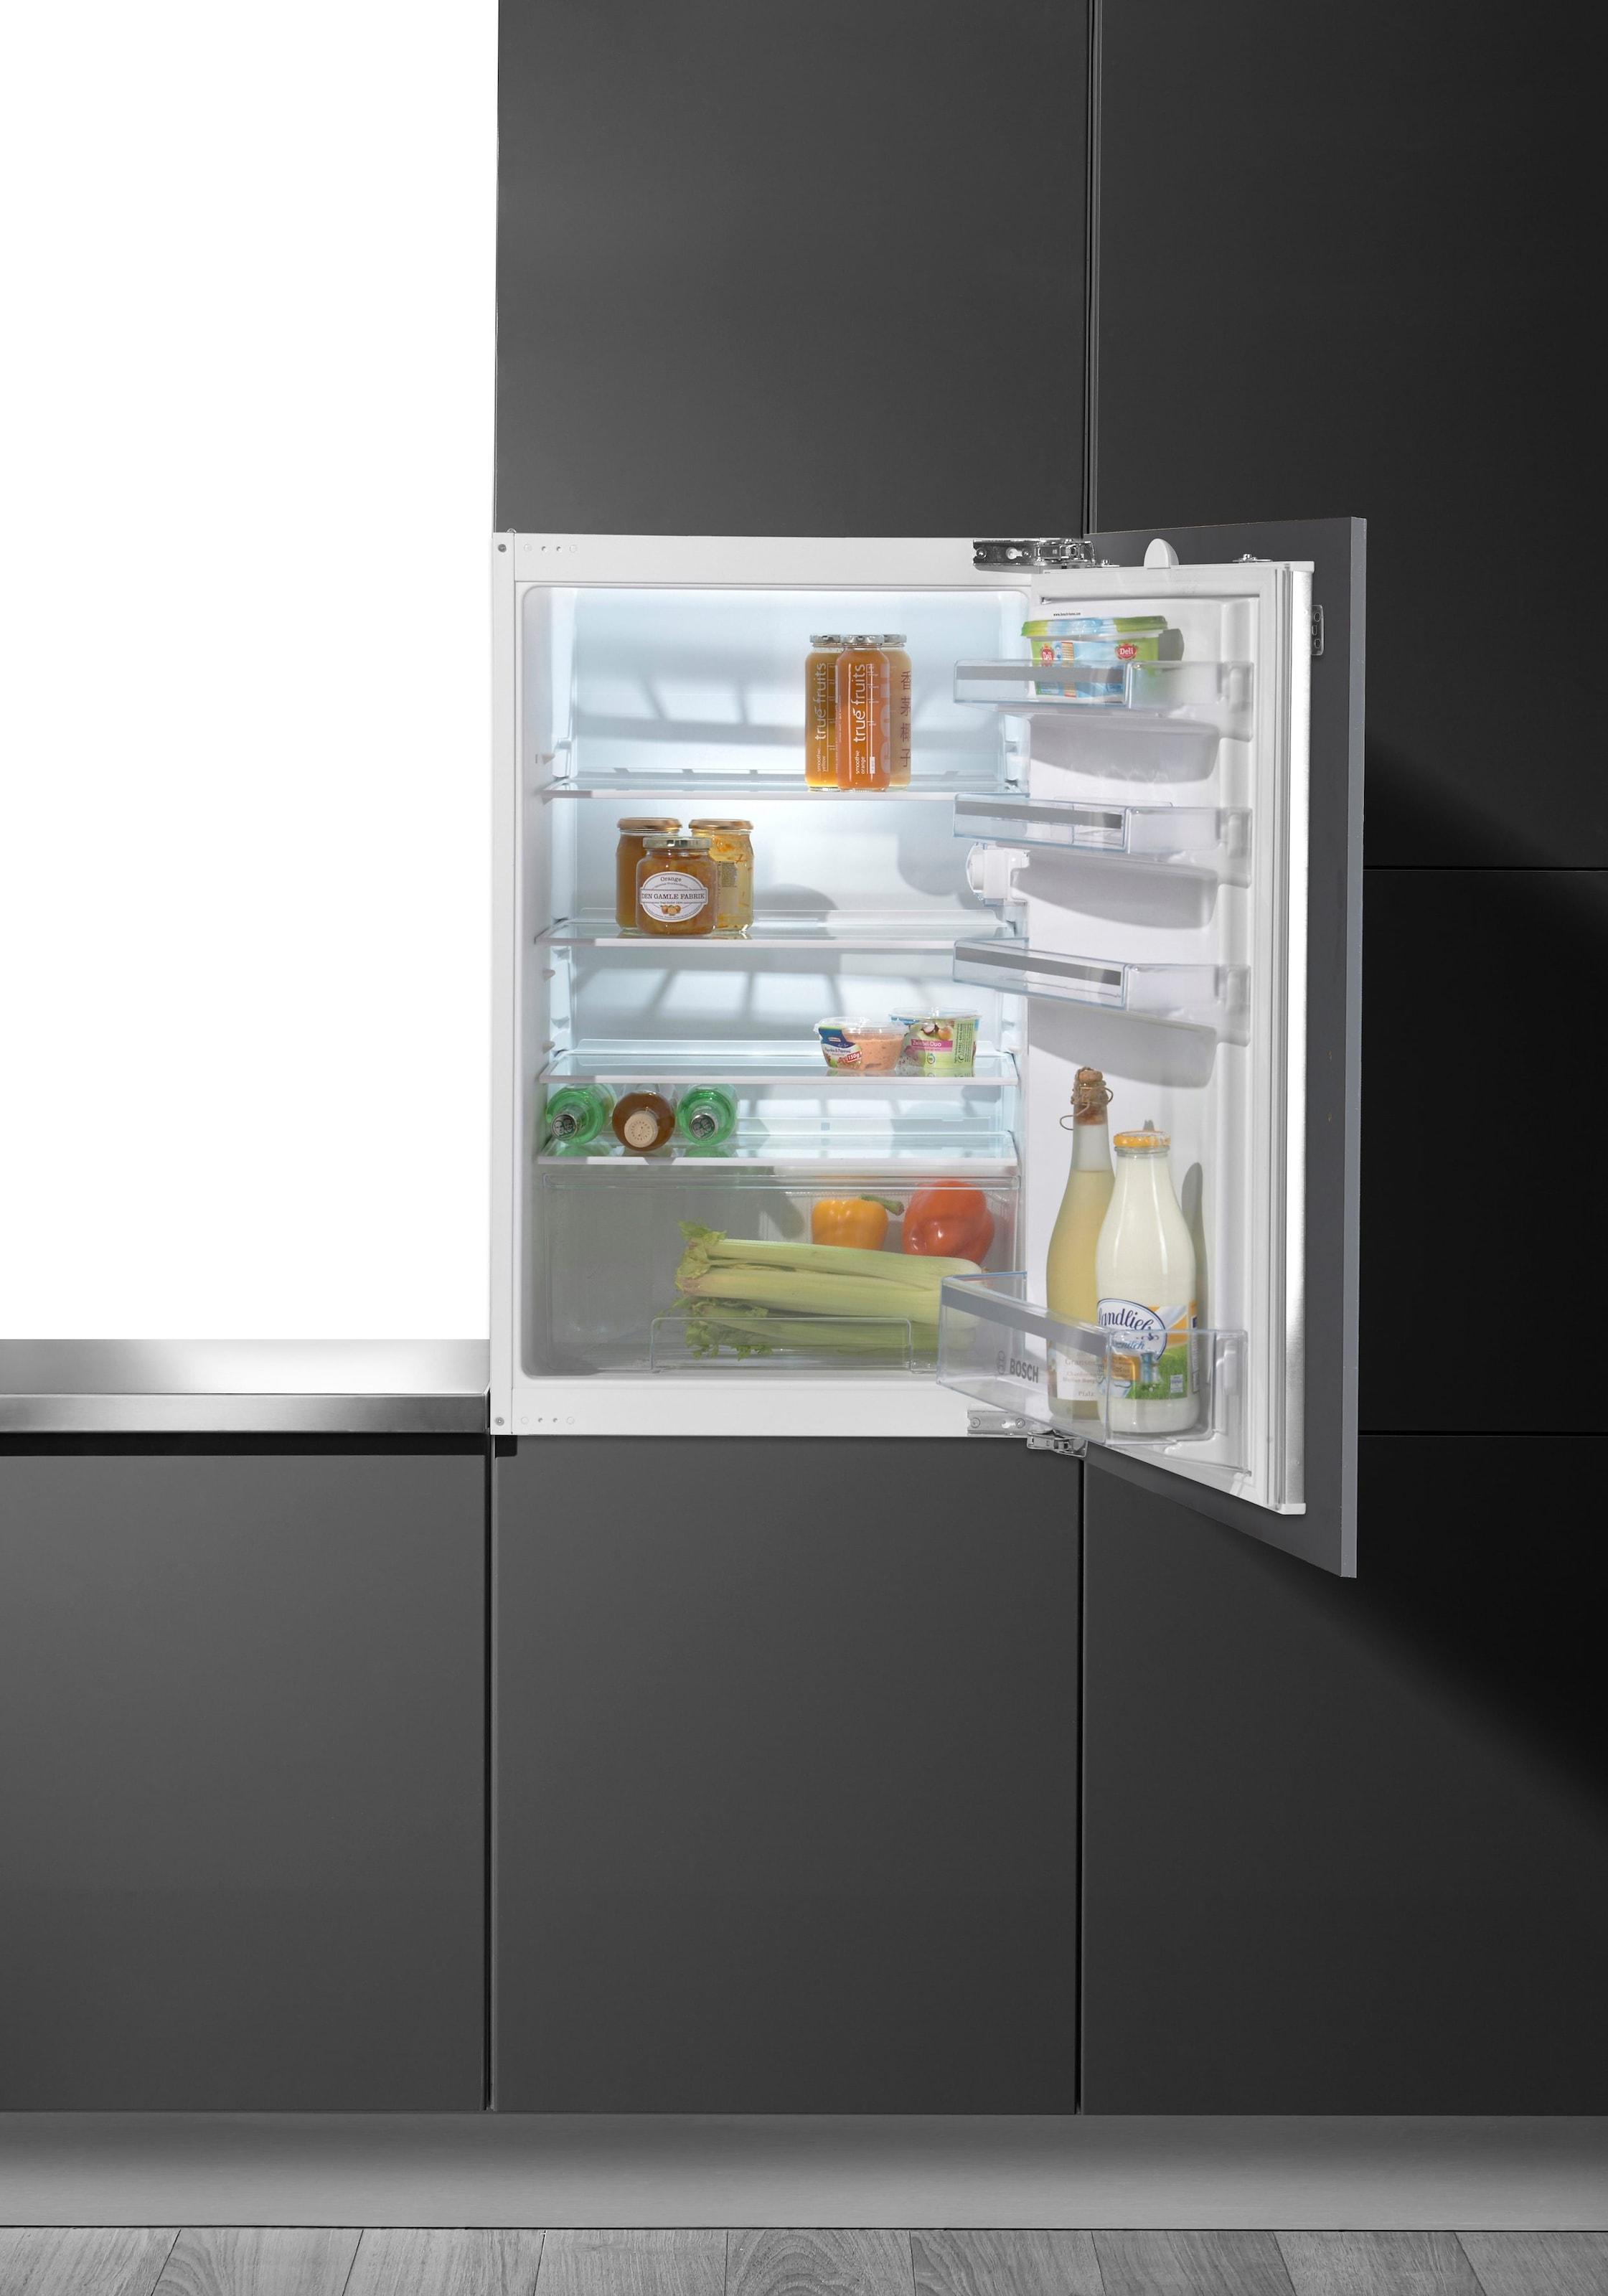 Bosch Kühlschrank Einbau : Einbaukühlschränke kauf auf rechnung baur